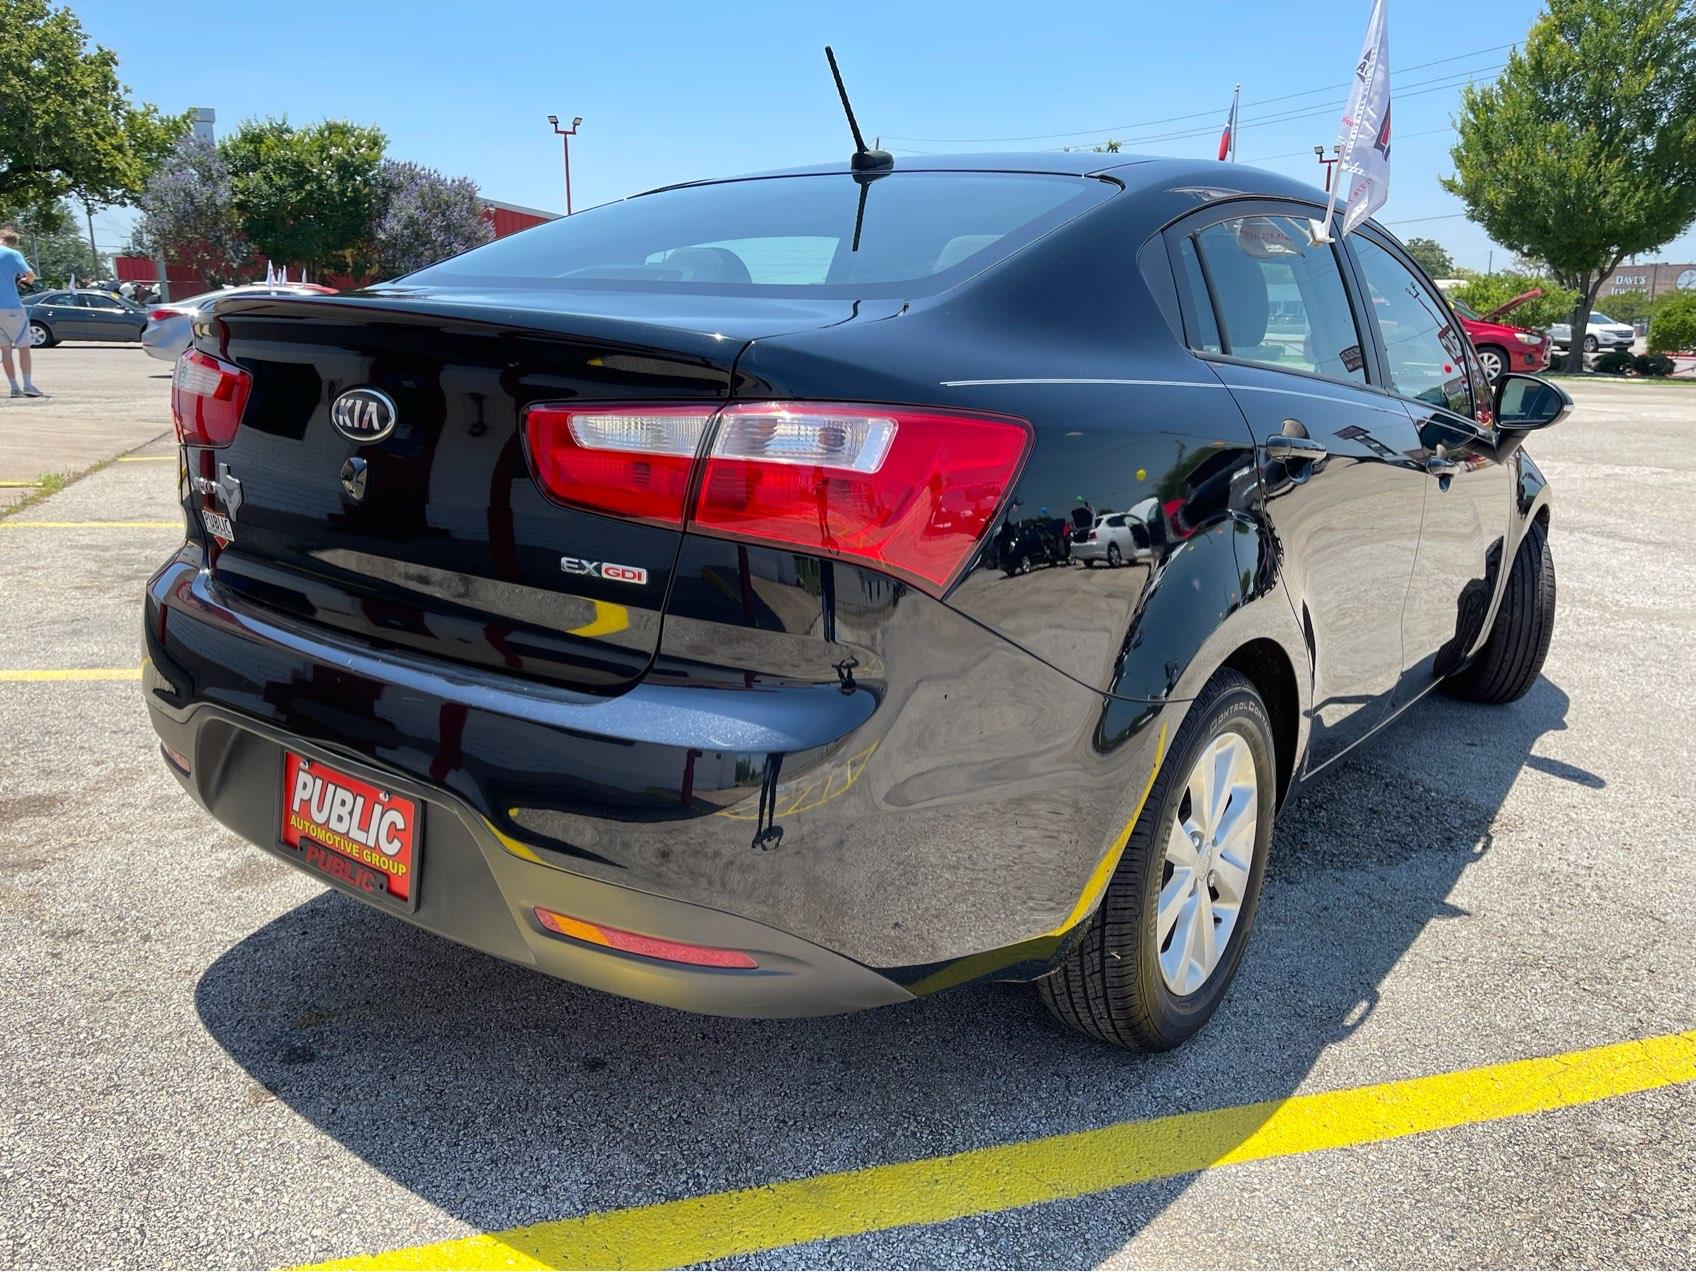 used vehicle - Sedan KIA RIO 2014